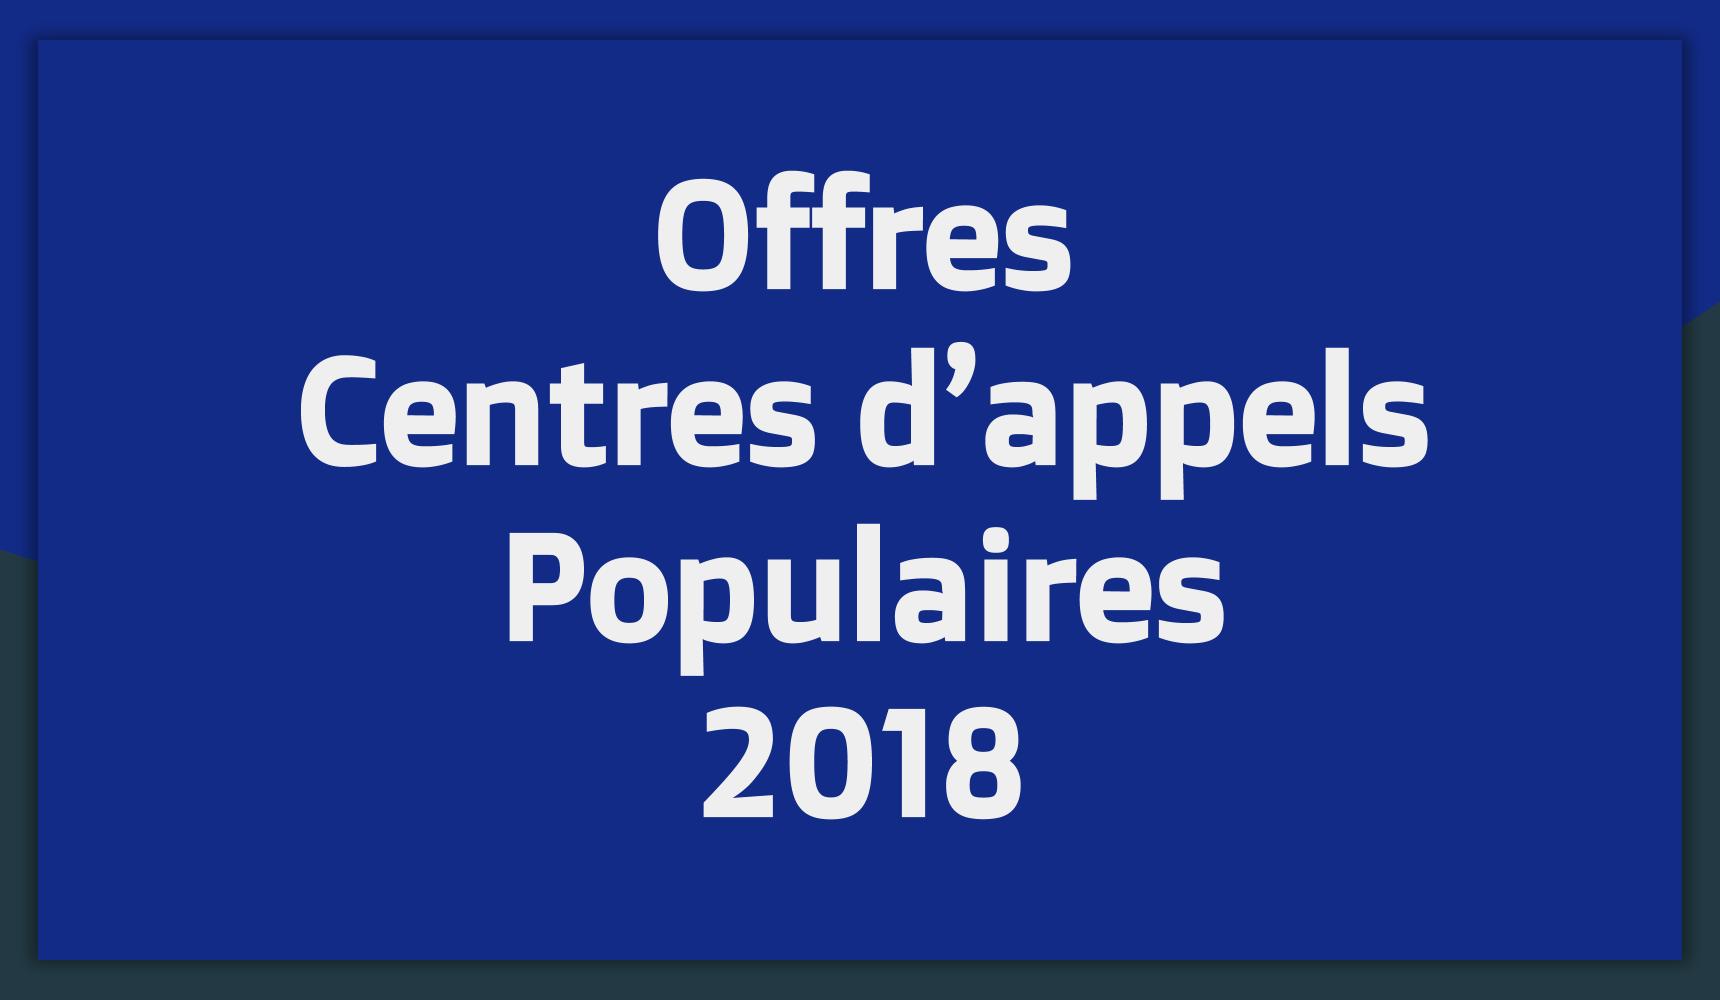 Offres d'emploi Centres d'appels Tunisie 2018